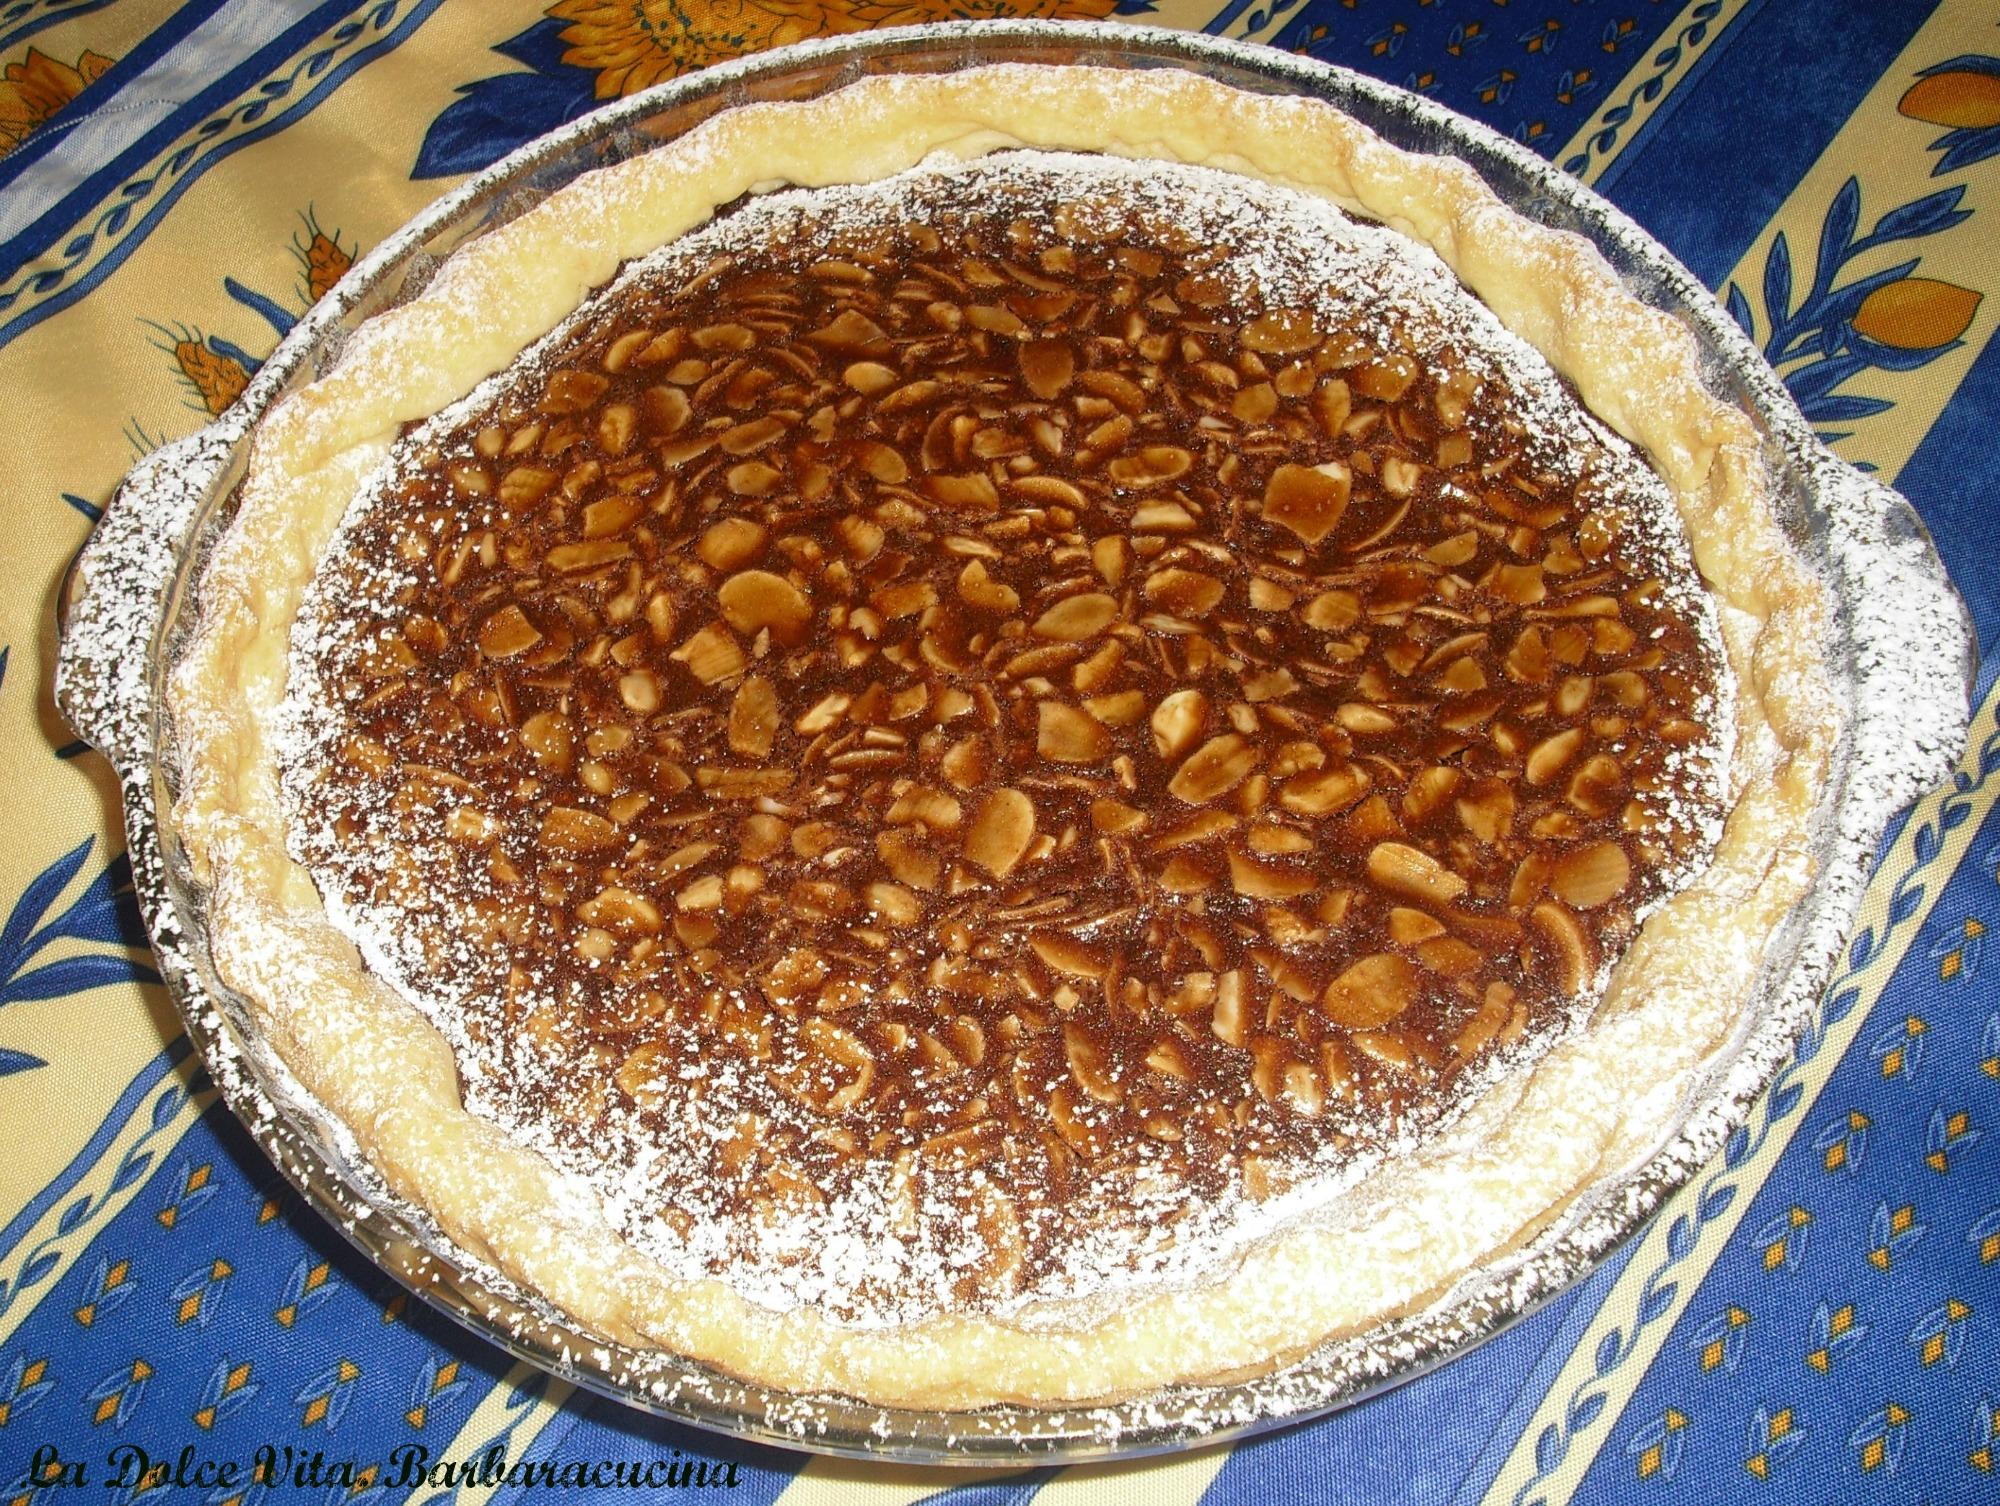 crostata al cioccolato e mandorle 2